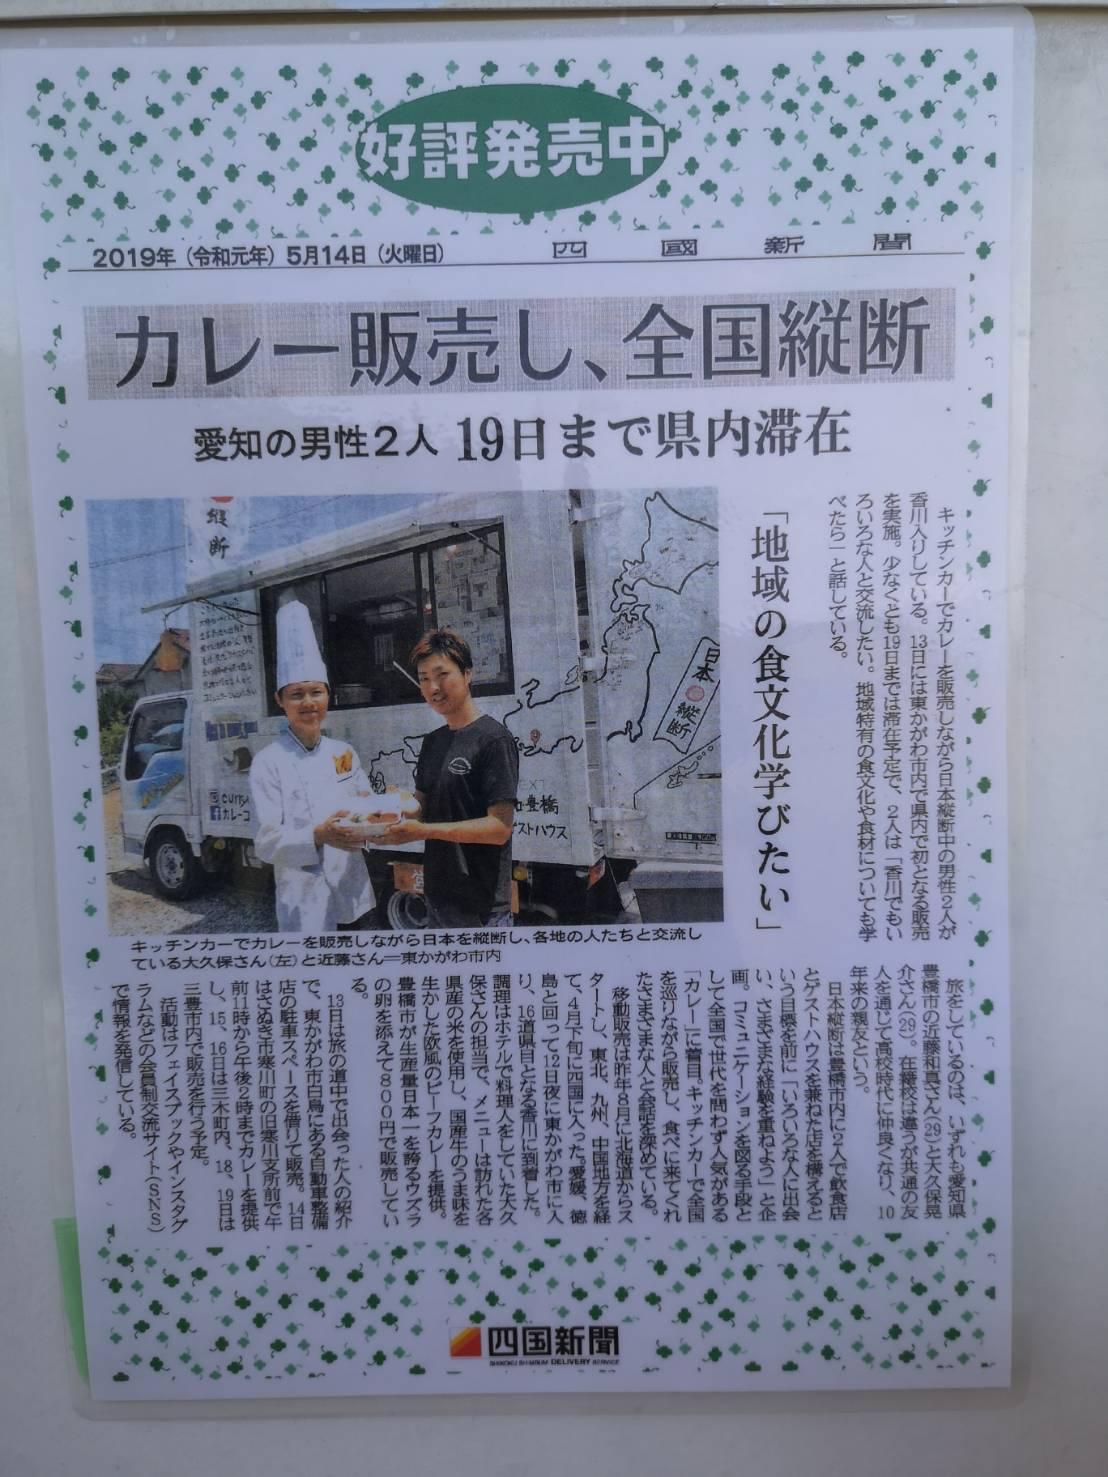 カレーコミュニケーション 記事 四国新聞